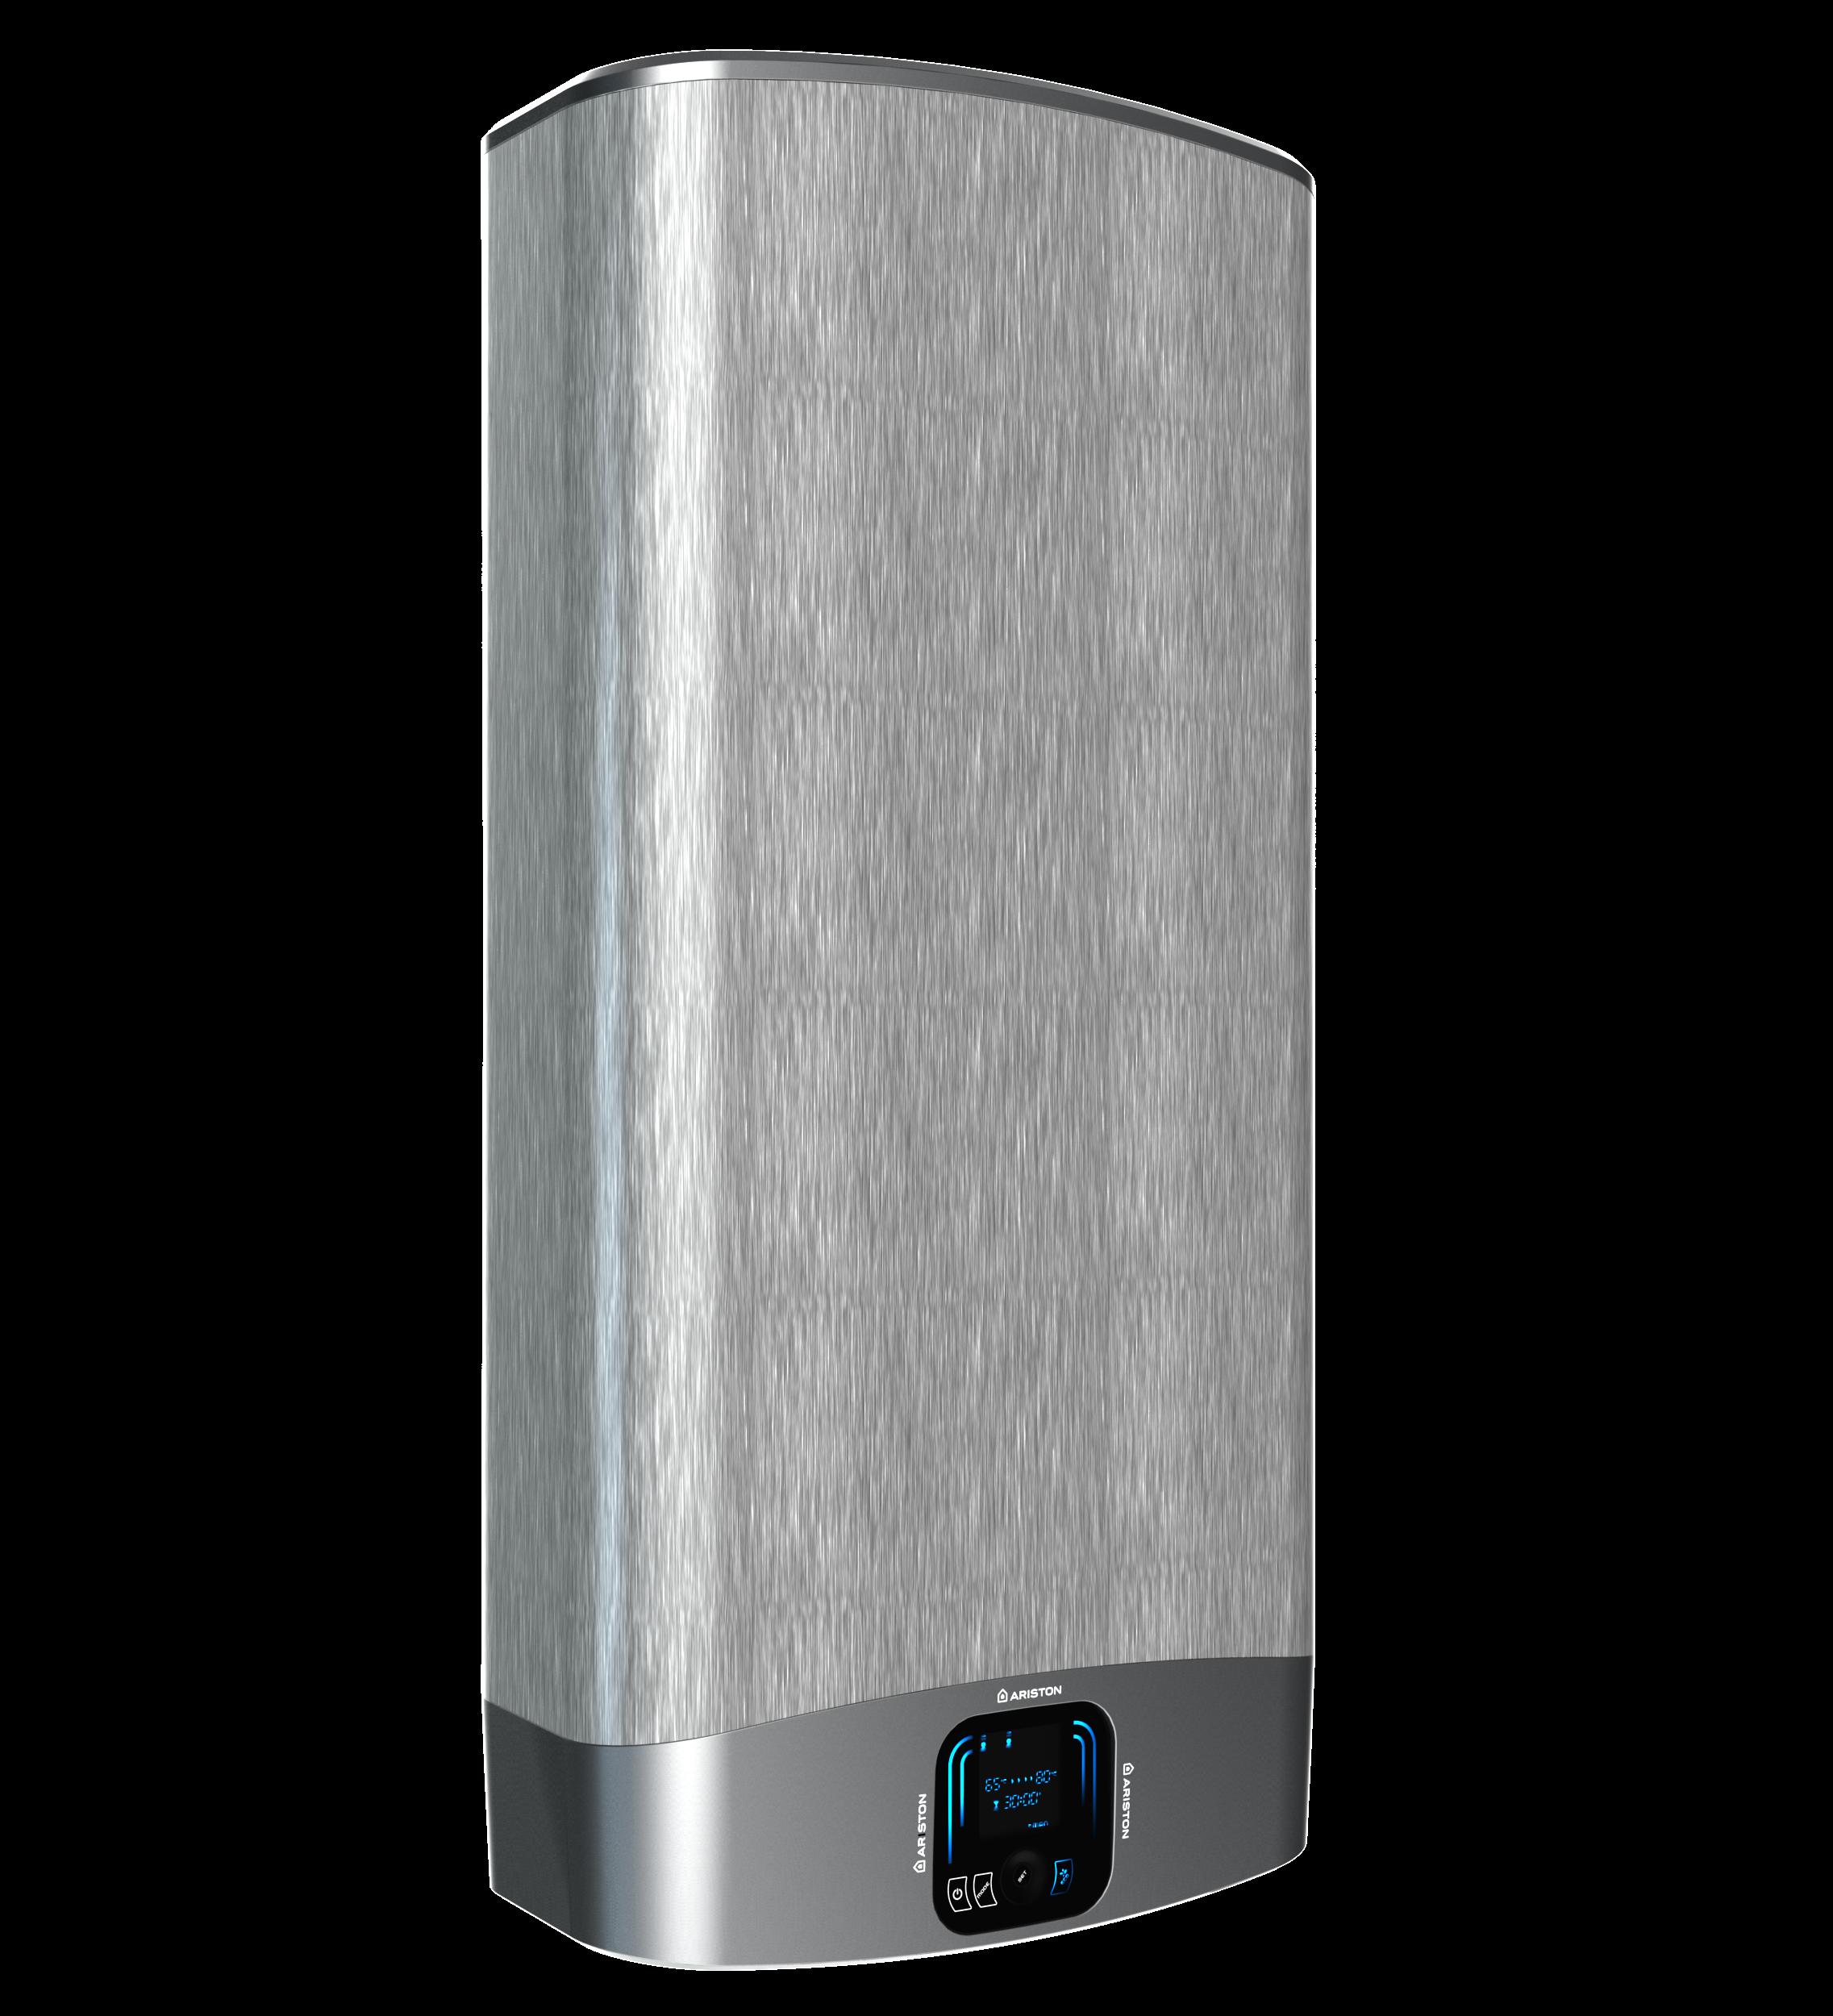 velis evo plus le chauffe eau pact gris aluminium pour s